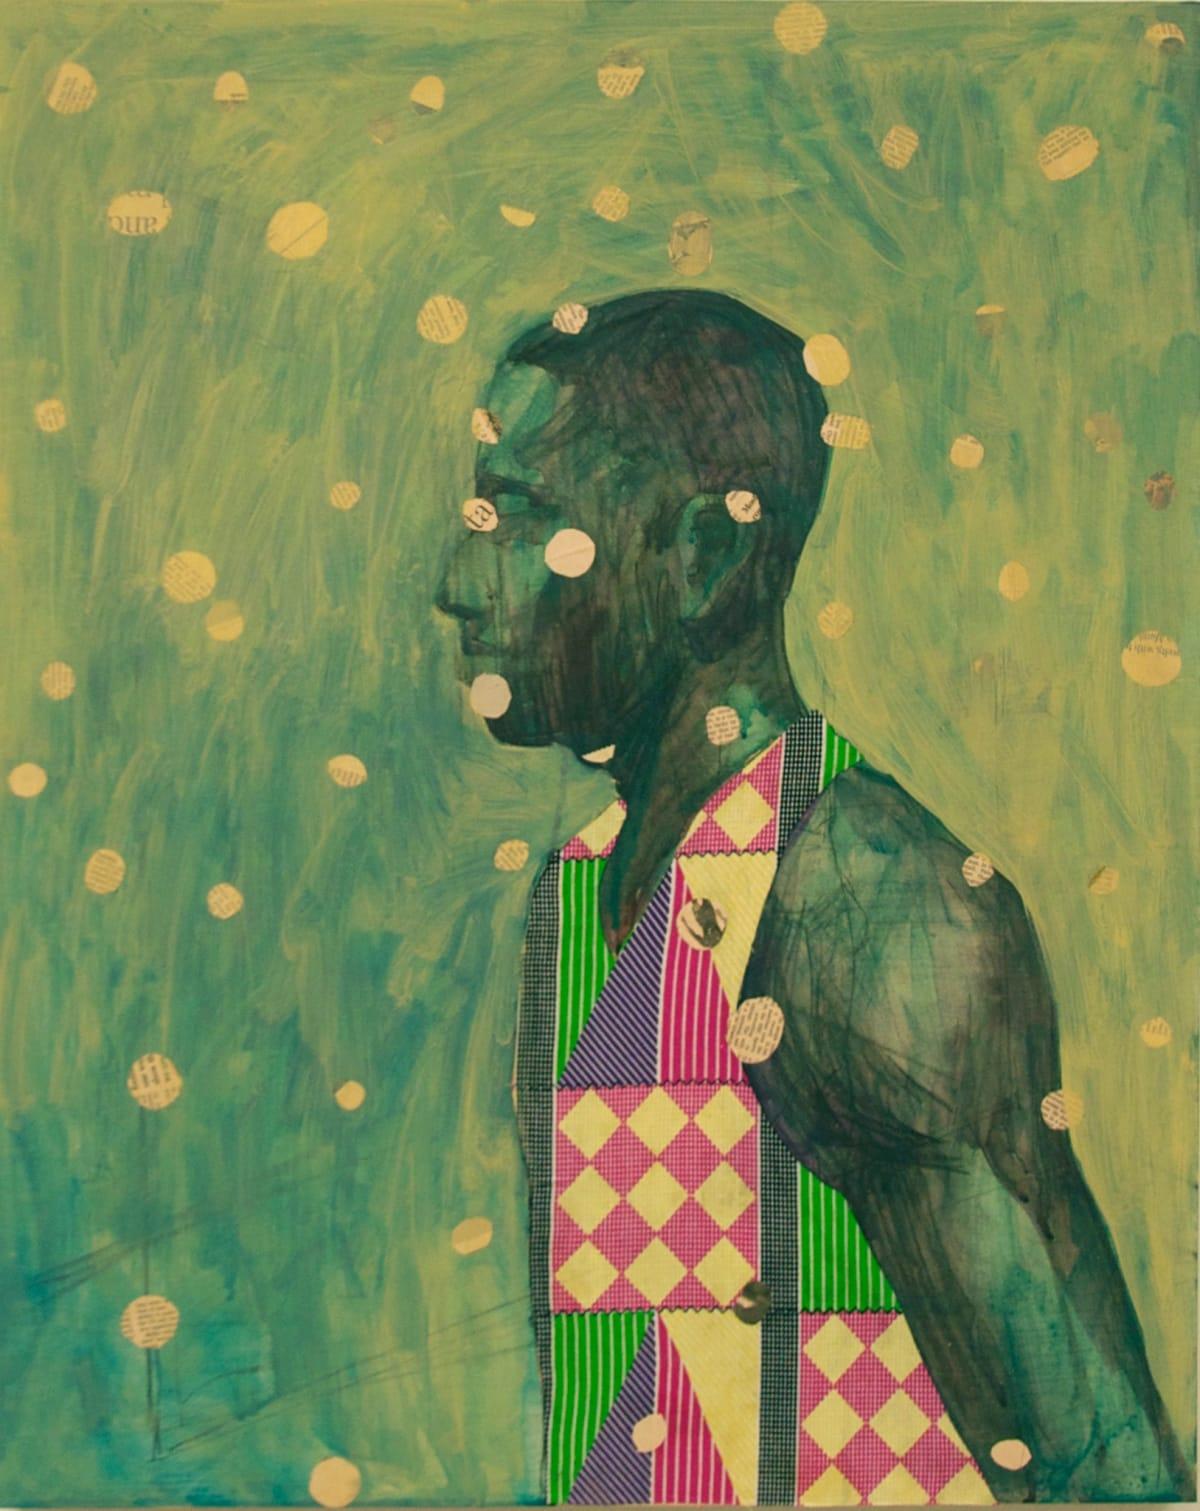 Derek Fordjour, Conspicuous Arrangement, 2015